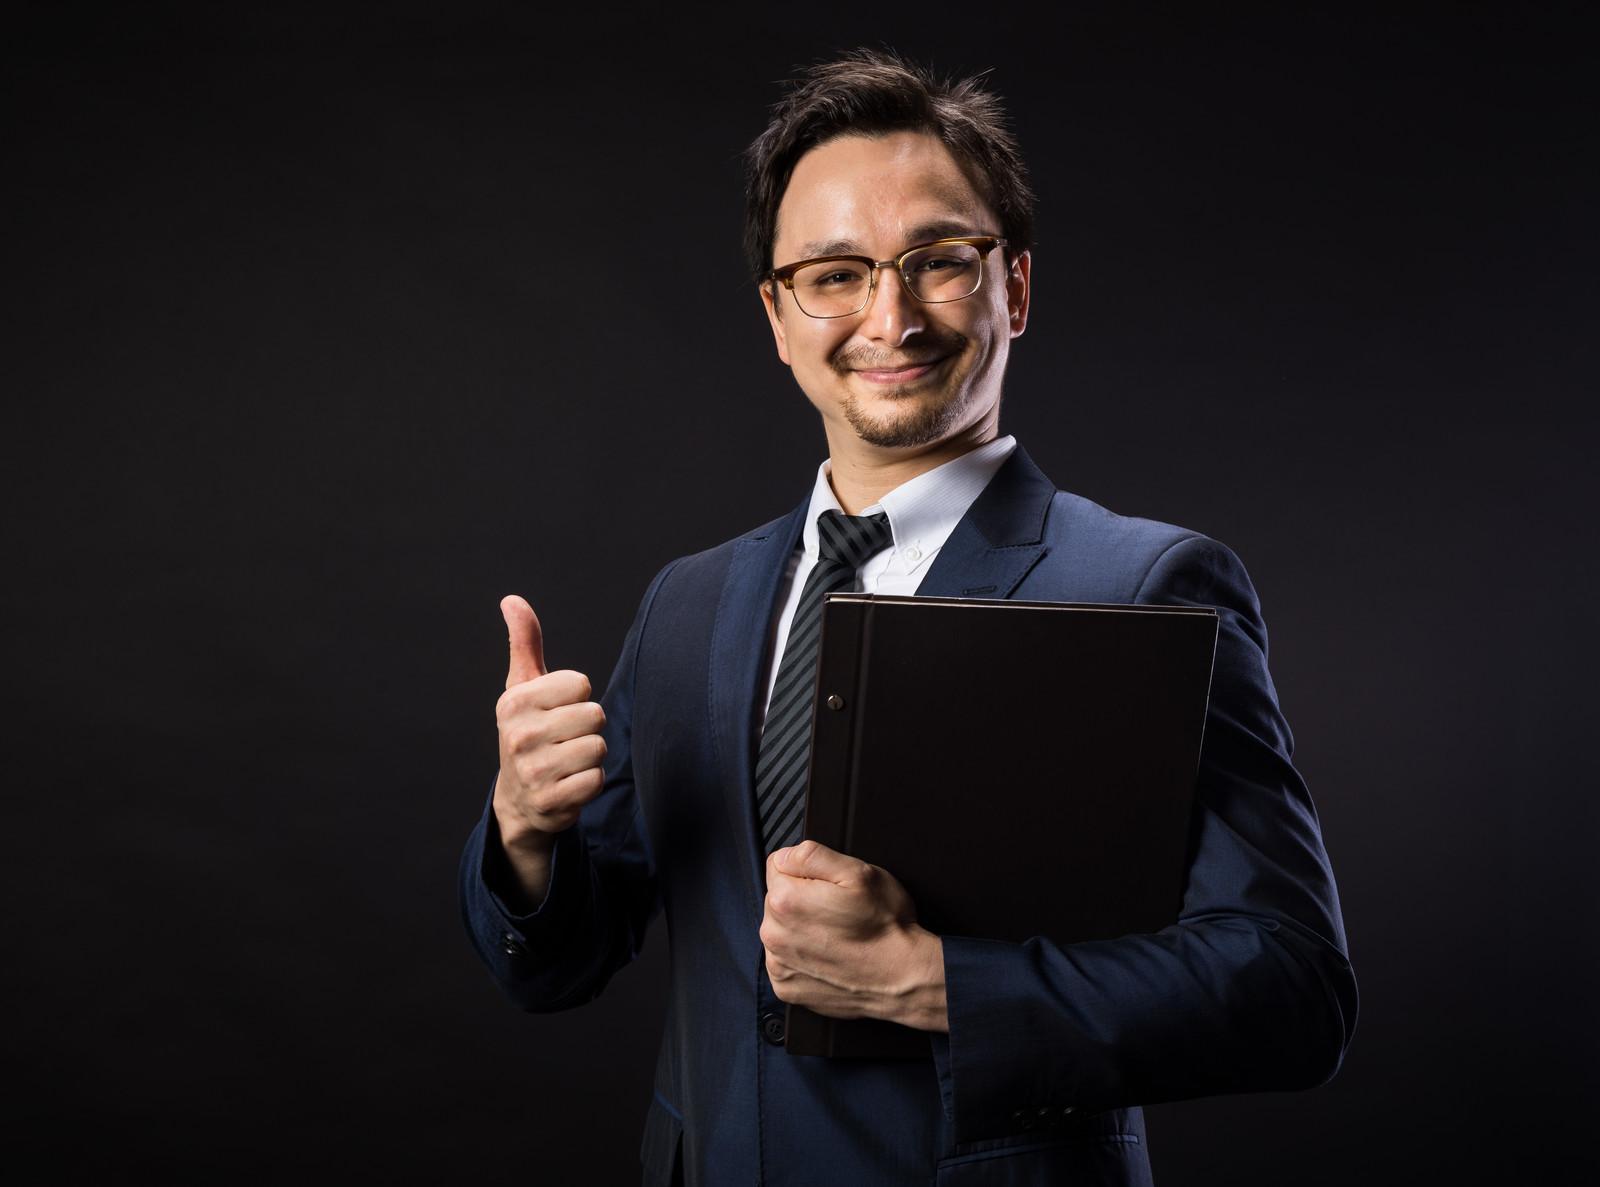 親指を立て微笑むビジネスマン